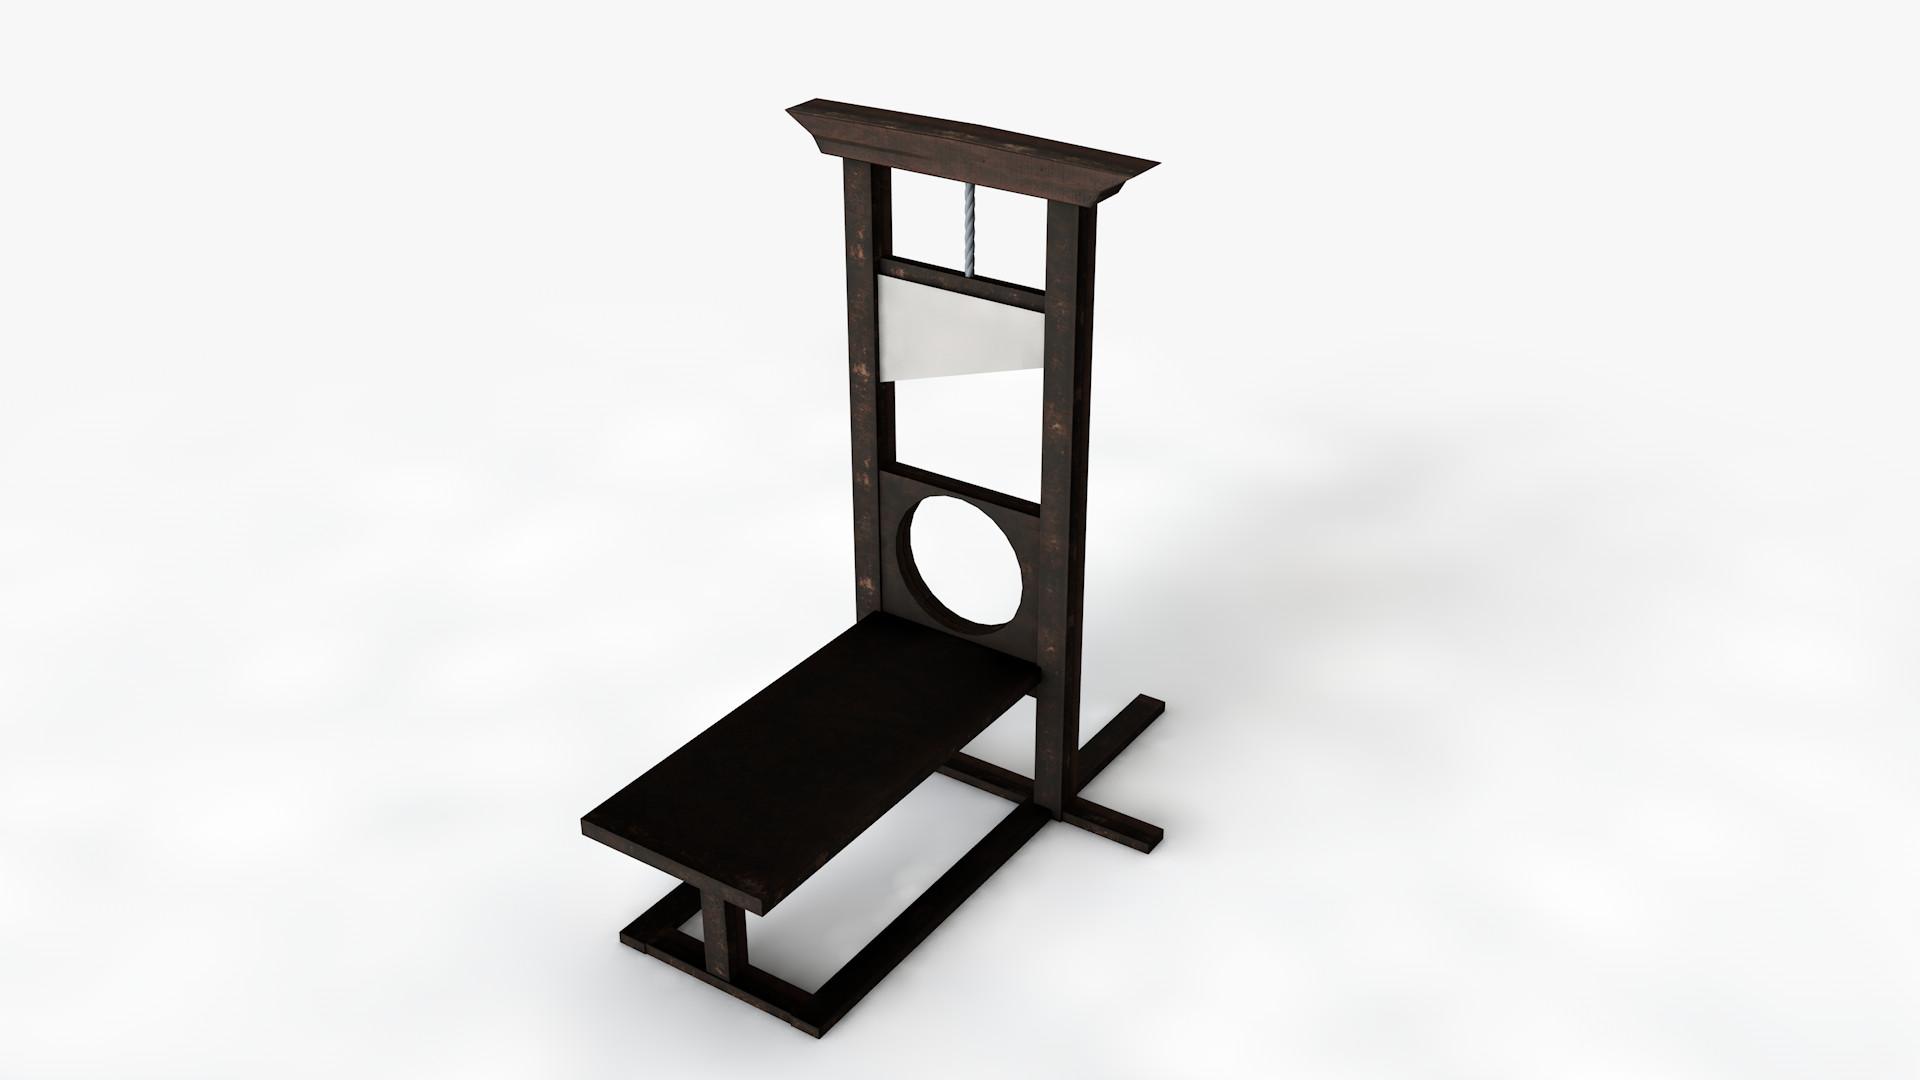 free guillotine 3d model. Black Bedroom Furniture Sets. Home Design Ideas